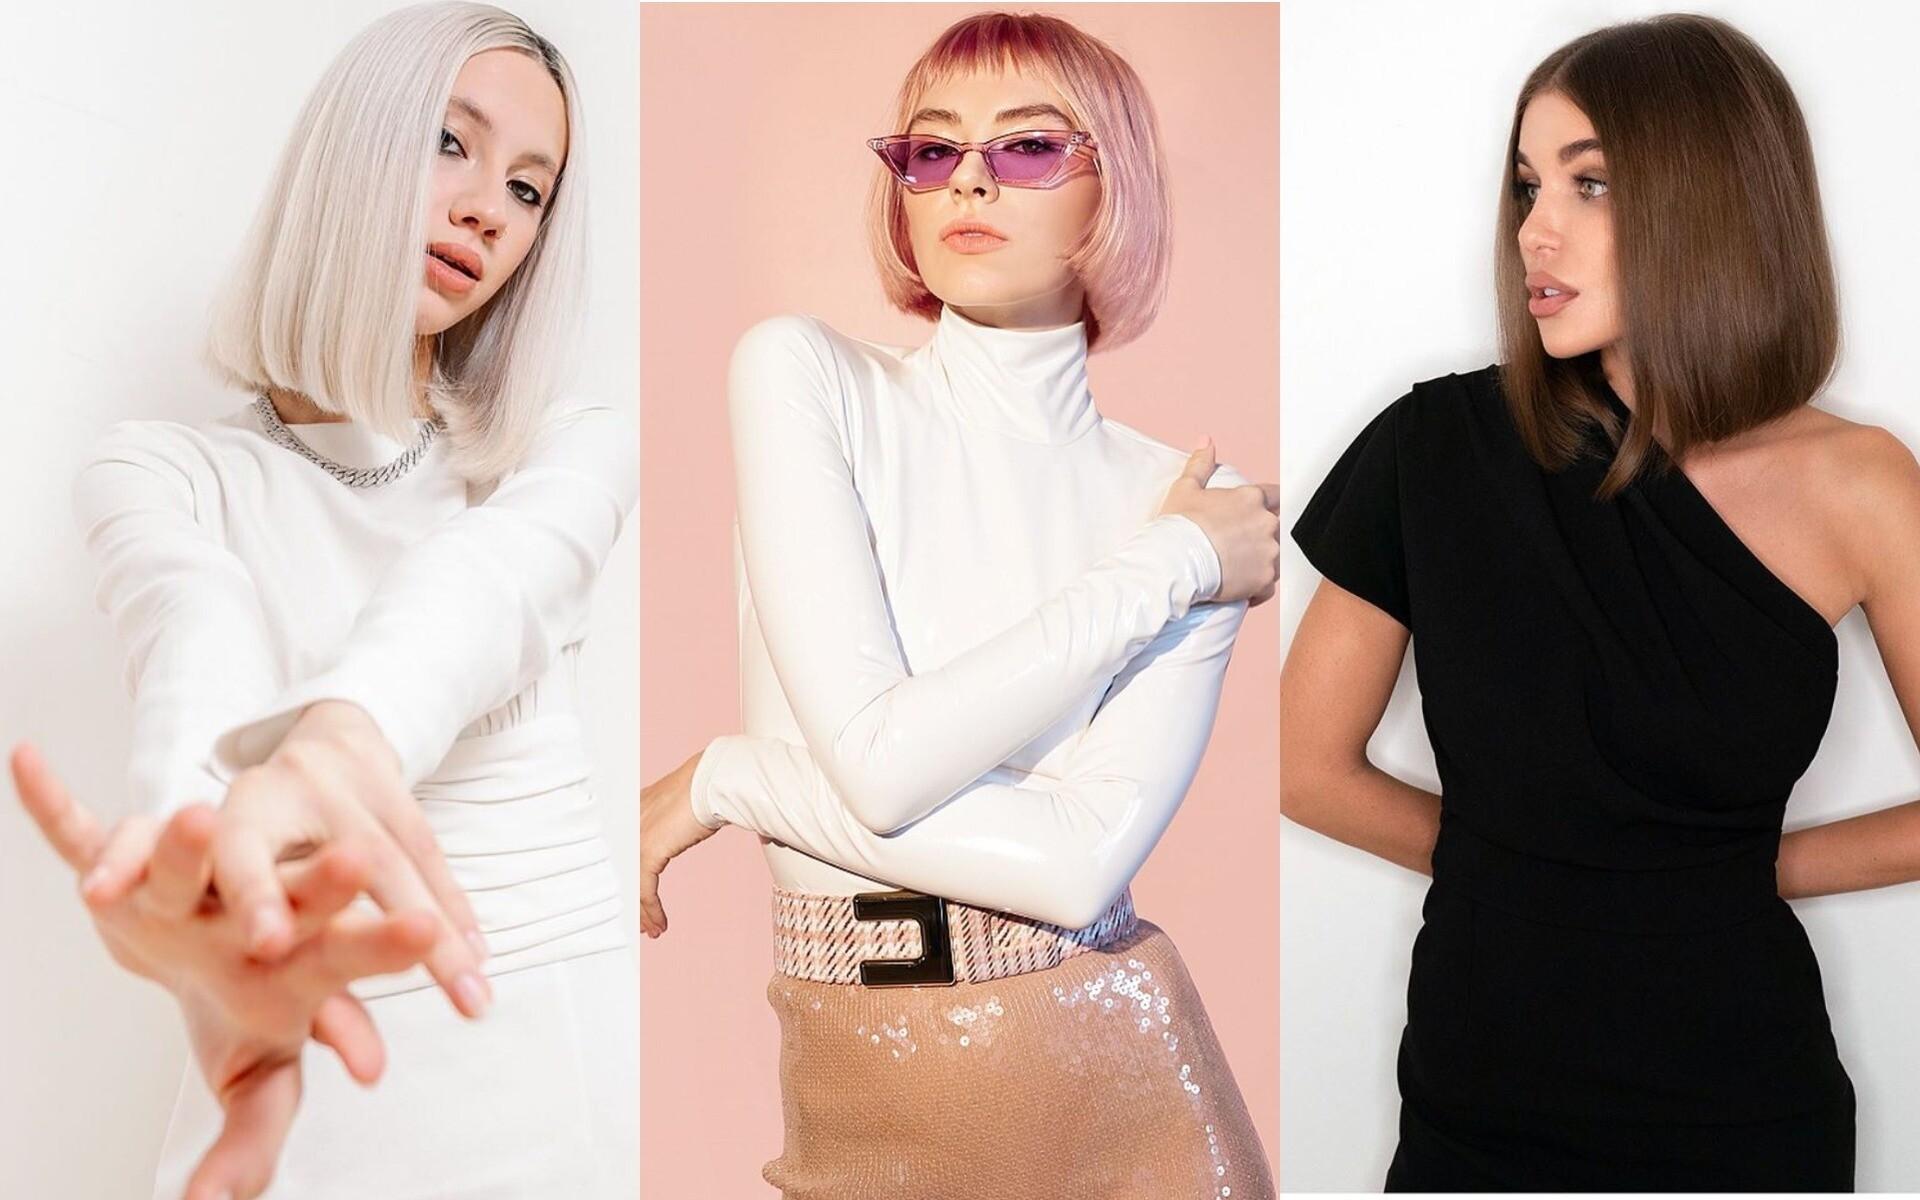 Сливочный блонд и яркие пряди: тренды окрашивания на короткие волосы 2020